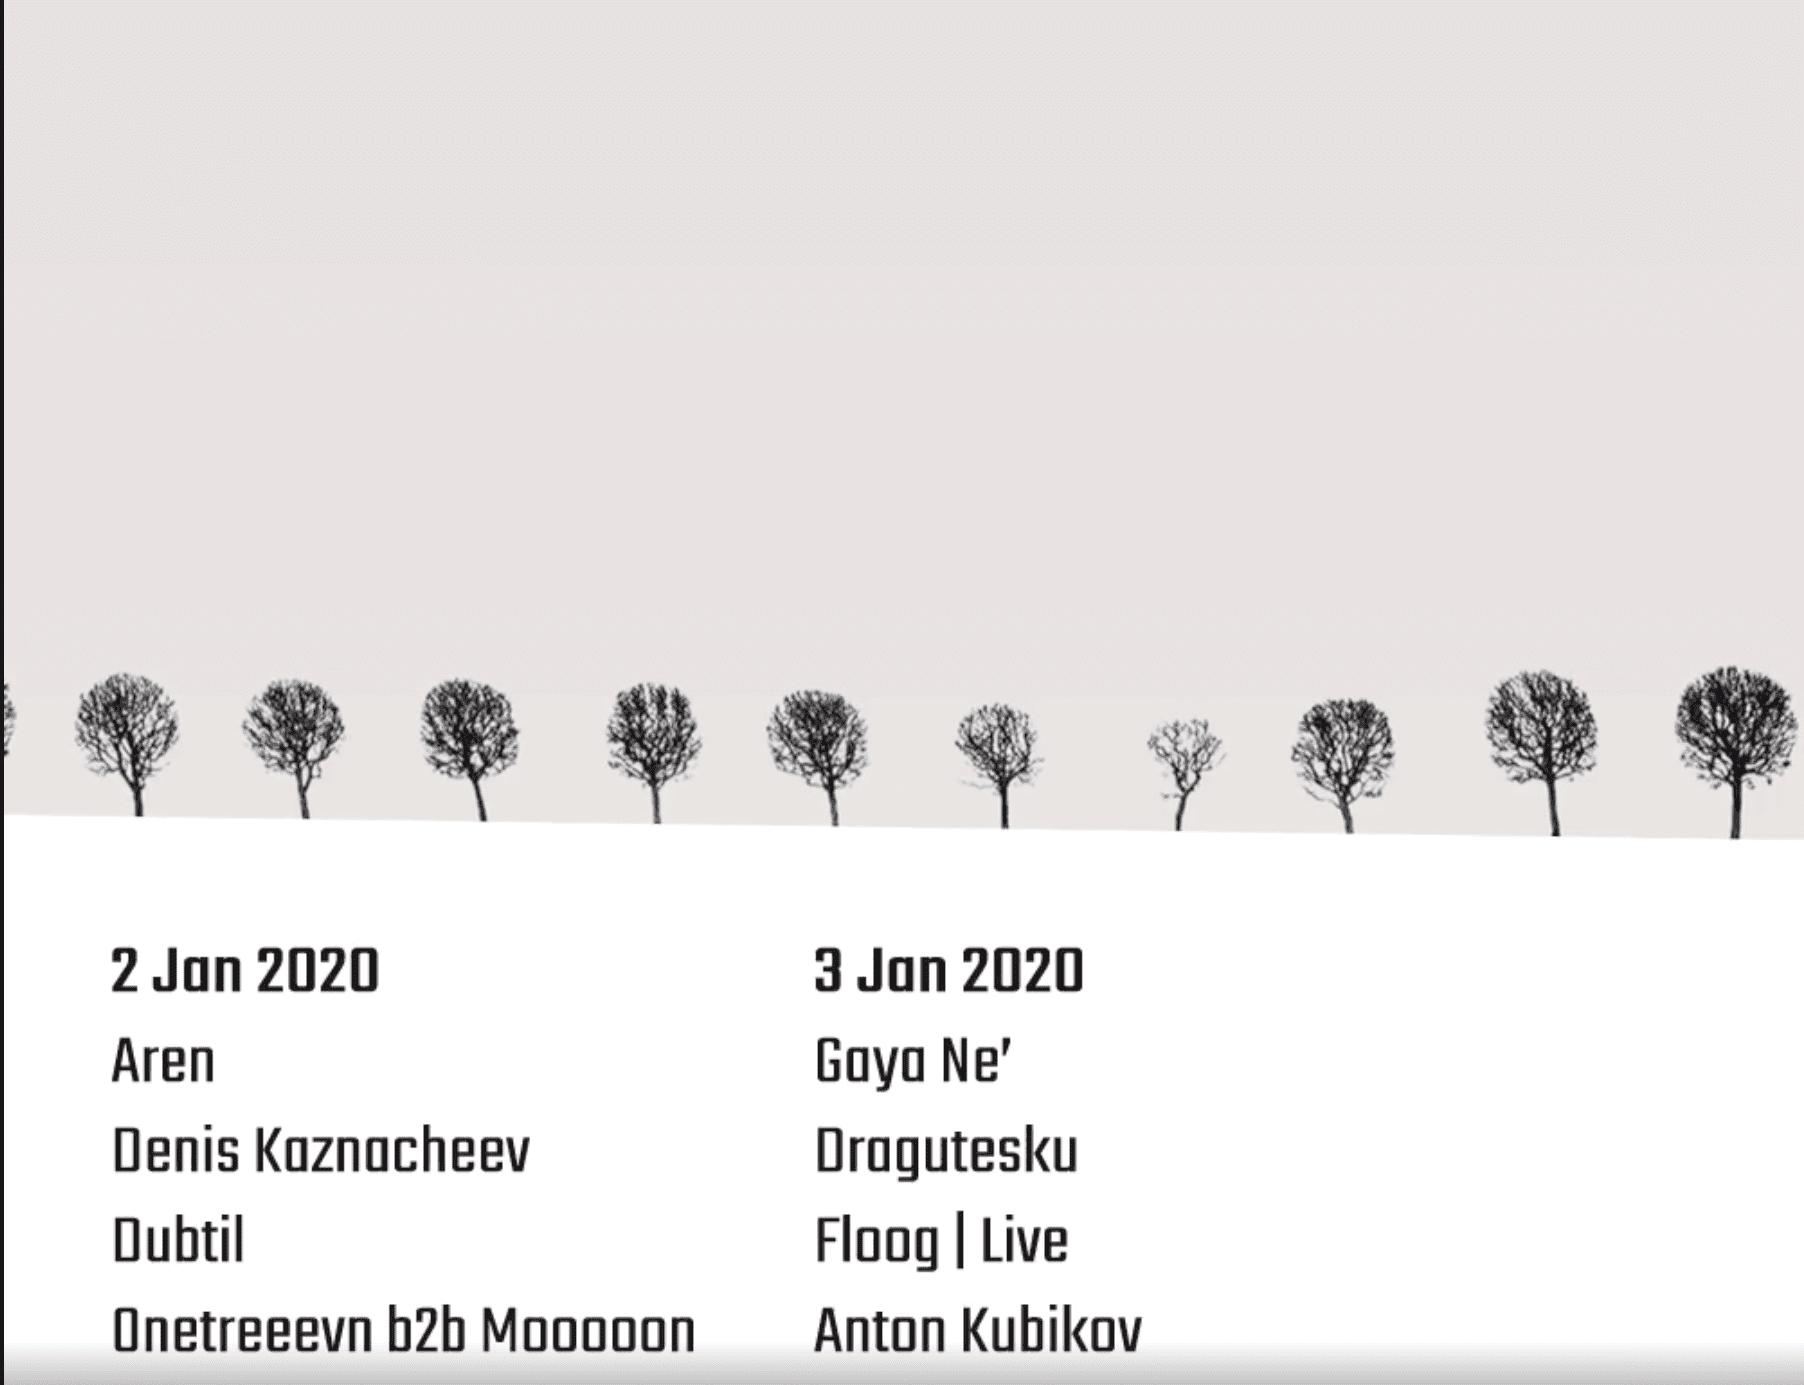 Treepolar 2020 with Aren, Denis Kaznacheev, Dubtil, Dragutesku, Floog